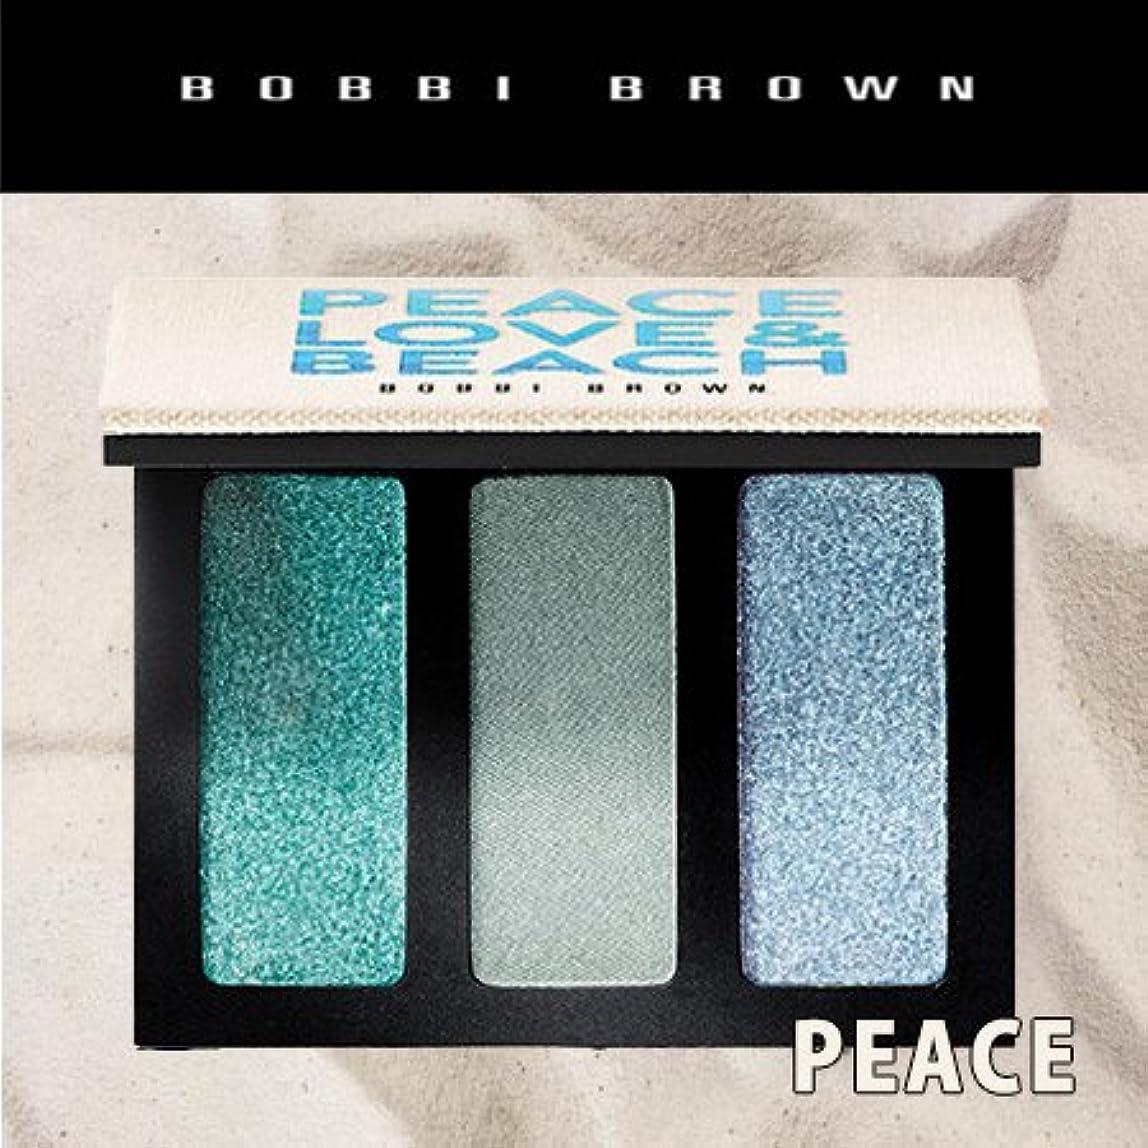 傾向があるフラスコ導入するボビイブラウン アイシャドウ トリオ ピース,ラブ&ビーチ #ピース PEACE (限定品) -BOBBI BROWN- 【並行輸入品】